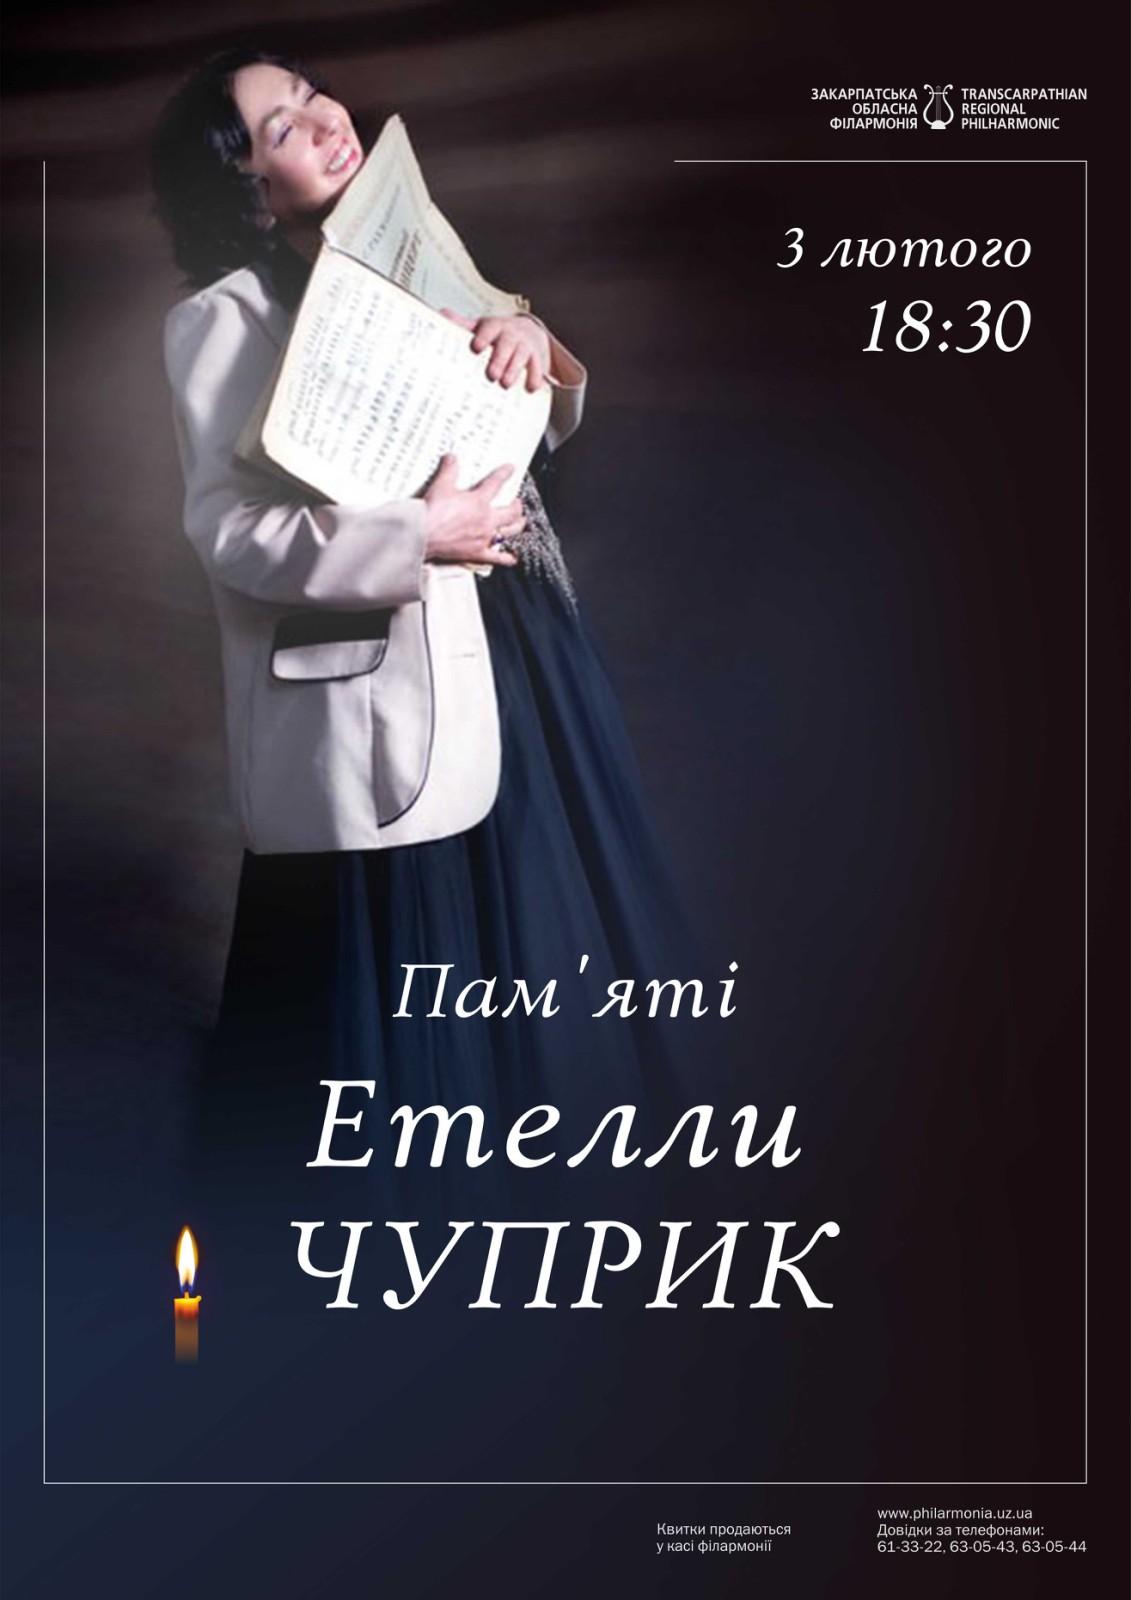 Закарпатська обласна філармонія запрошує на концерт пам'яті Етелли Чуприк